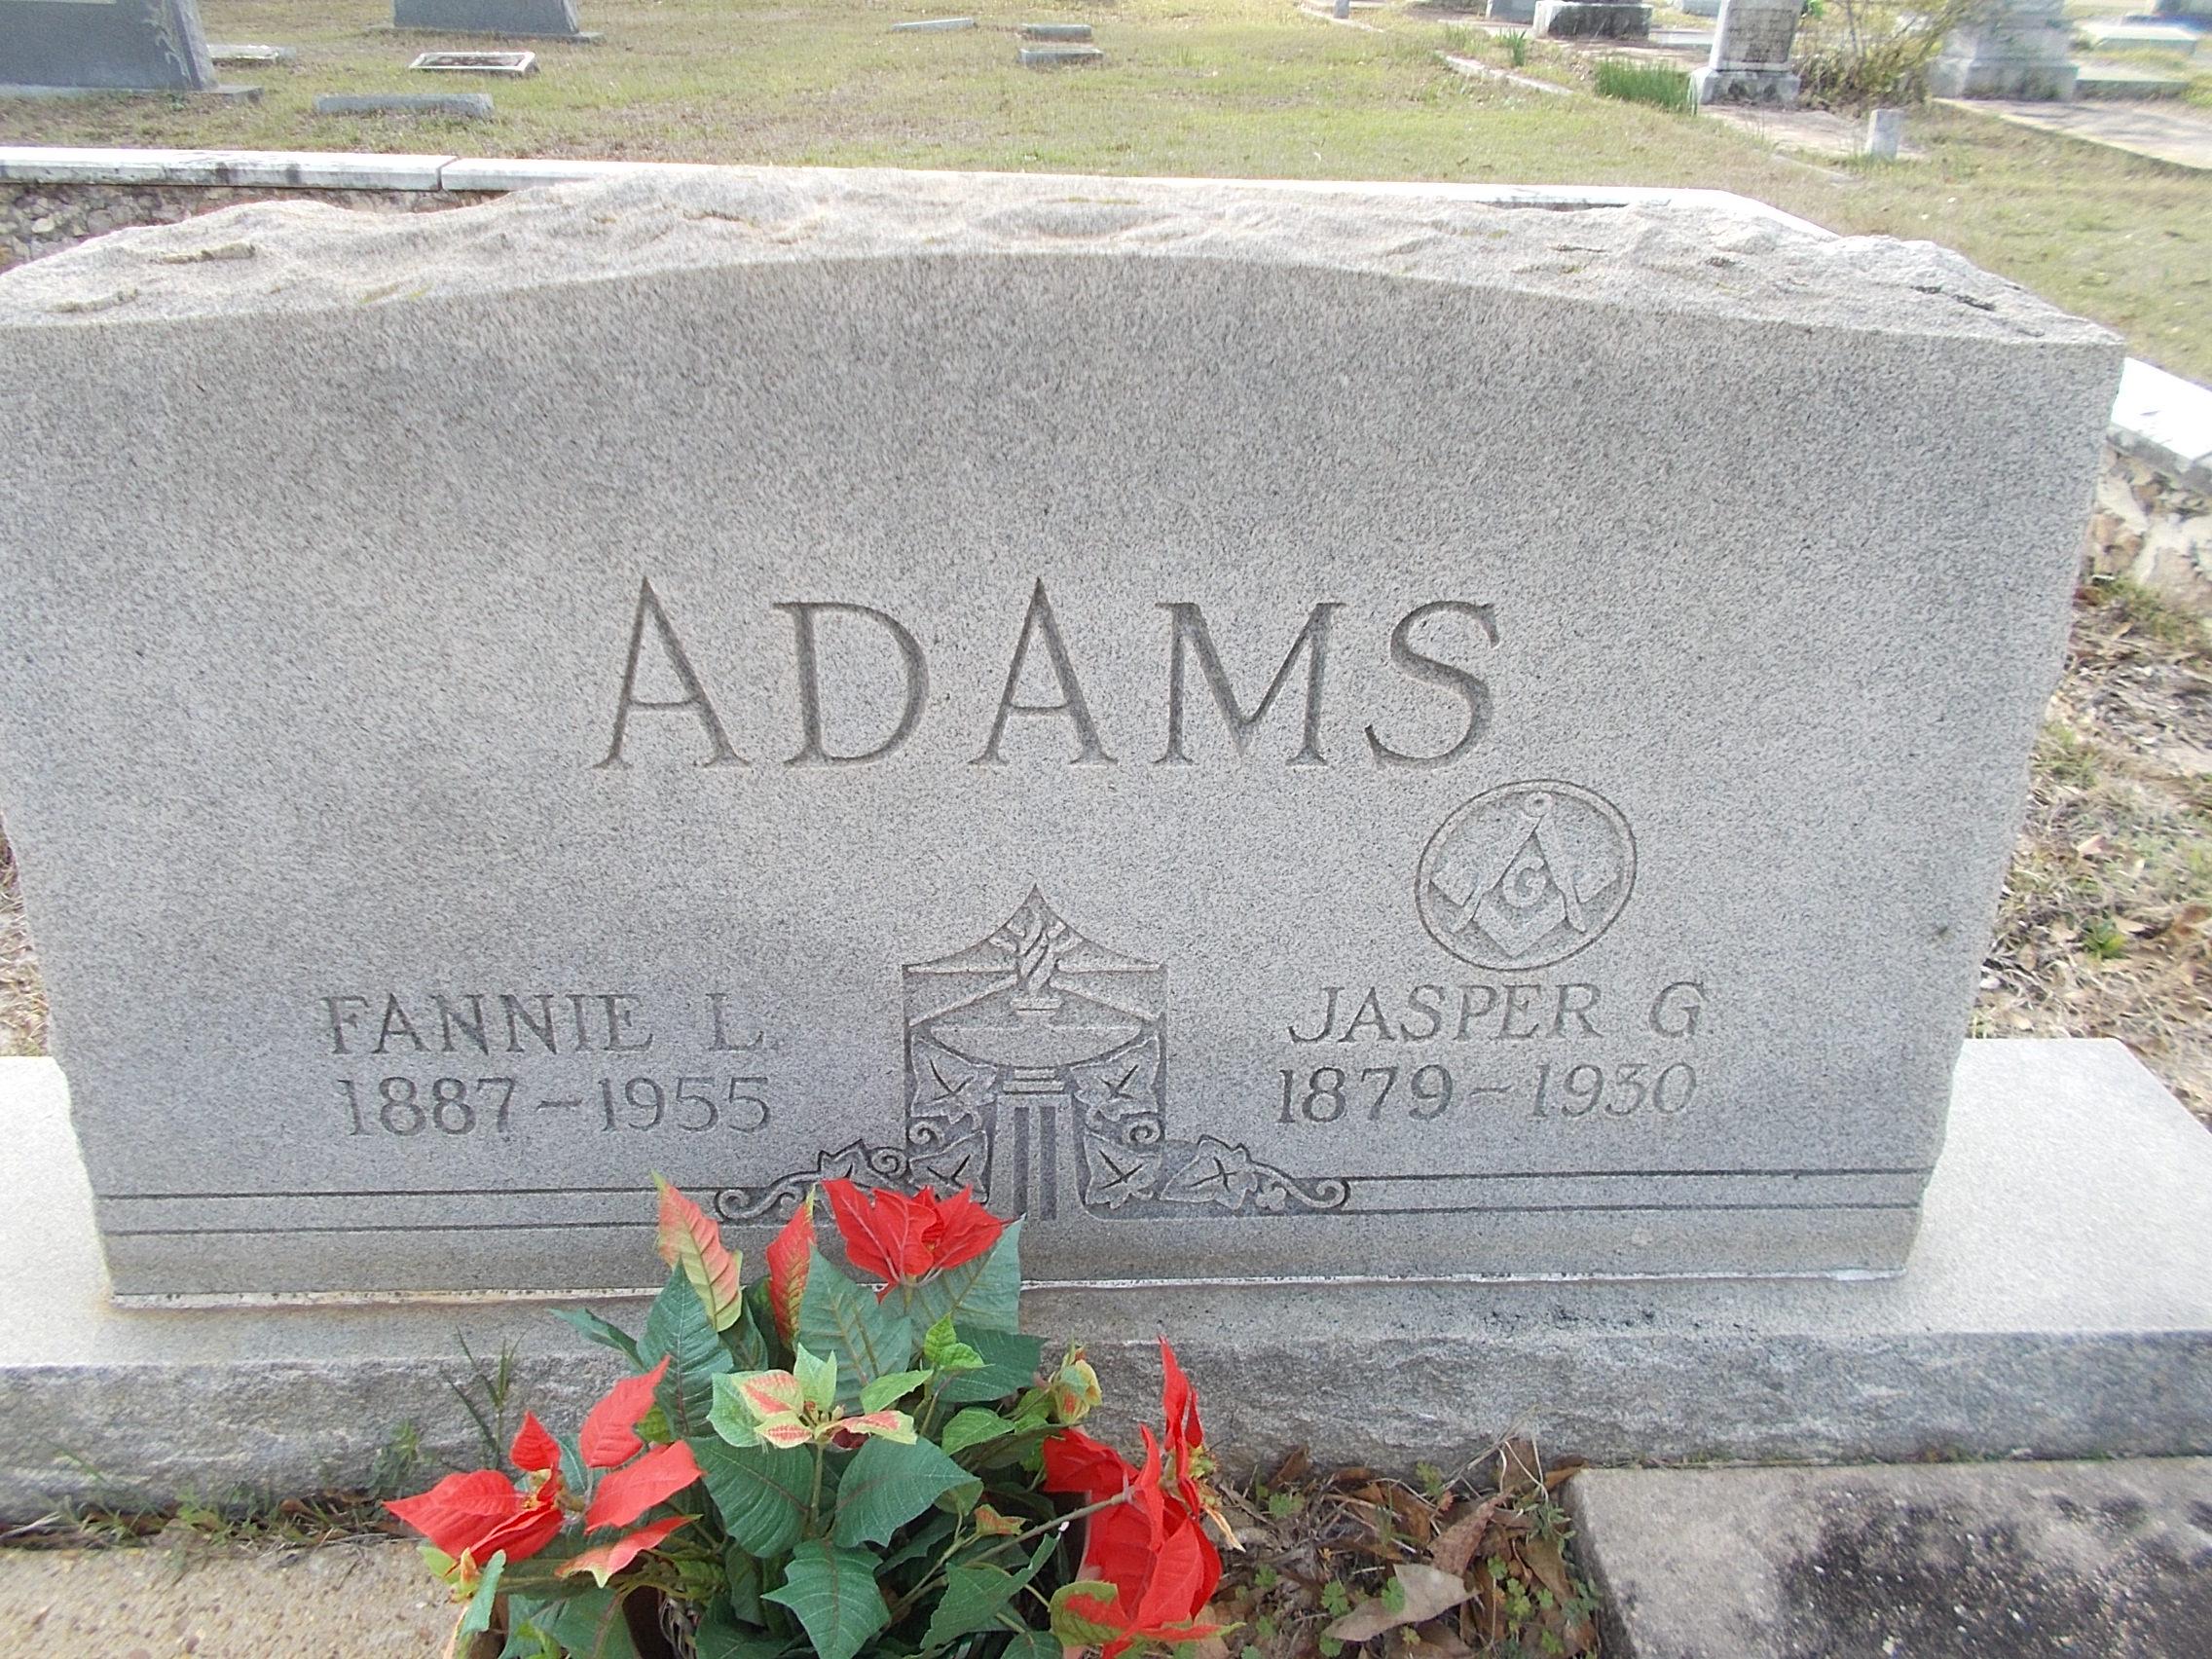 Jasper Greene. Adams